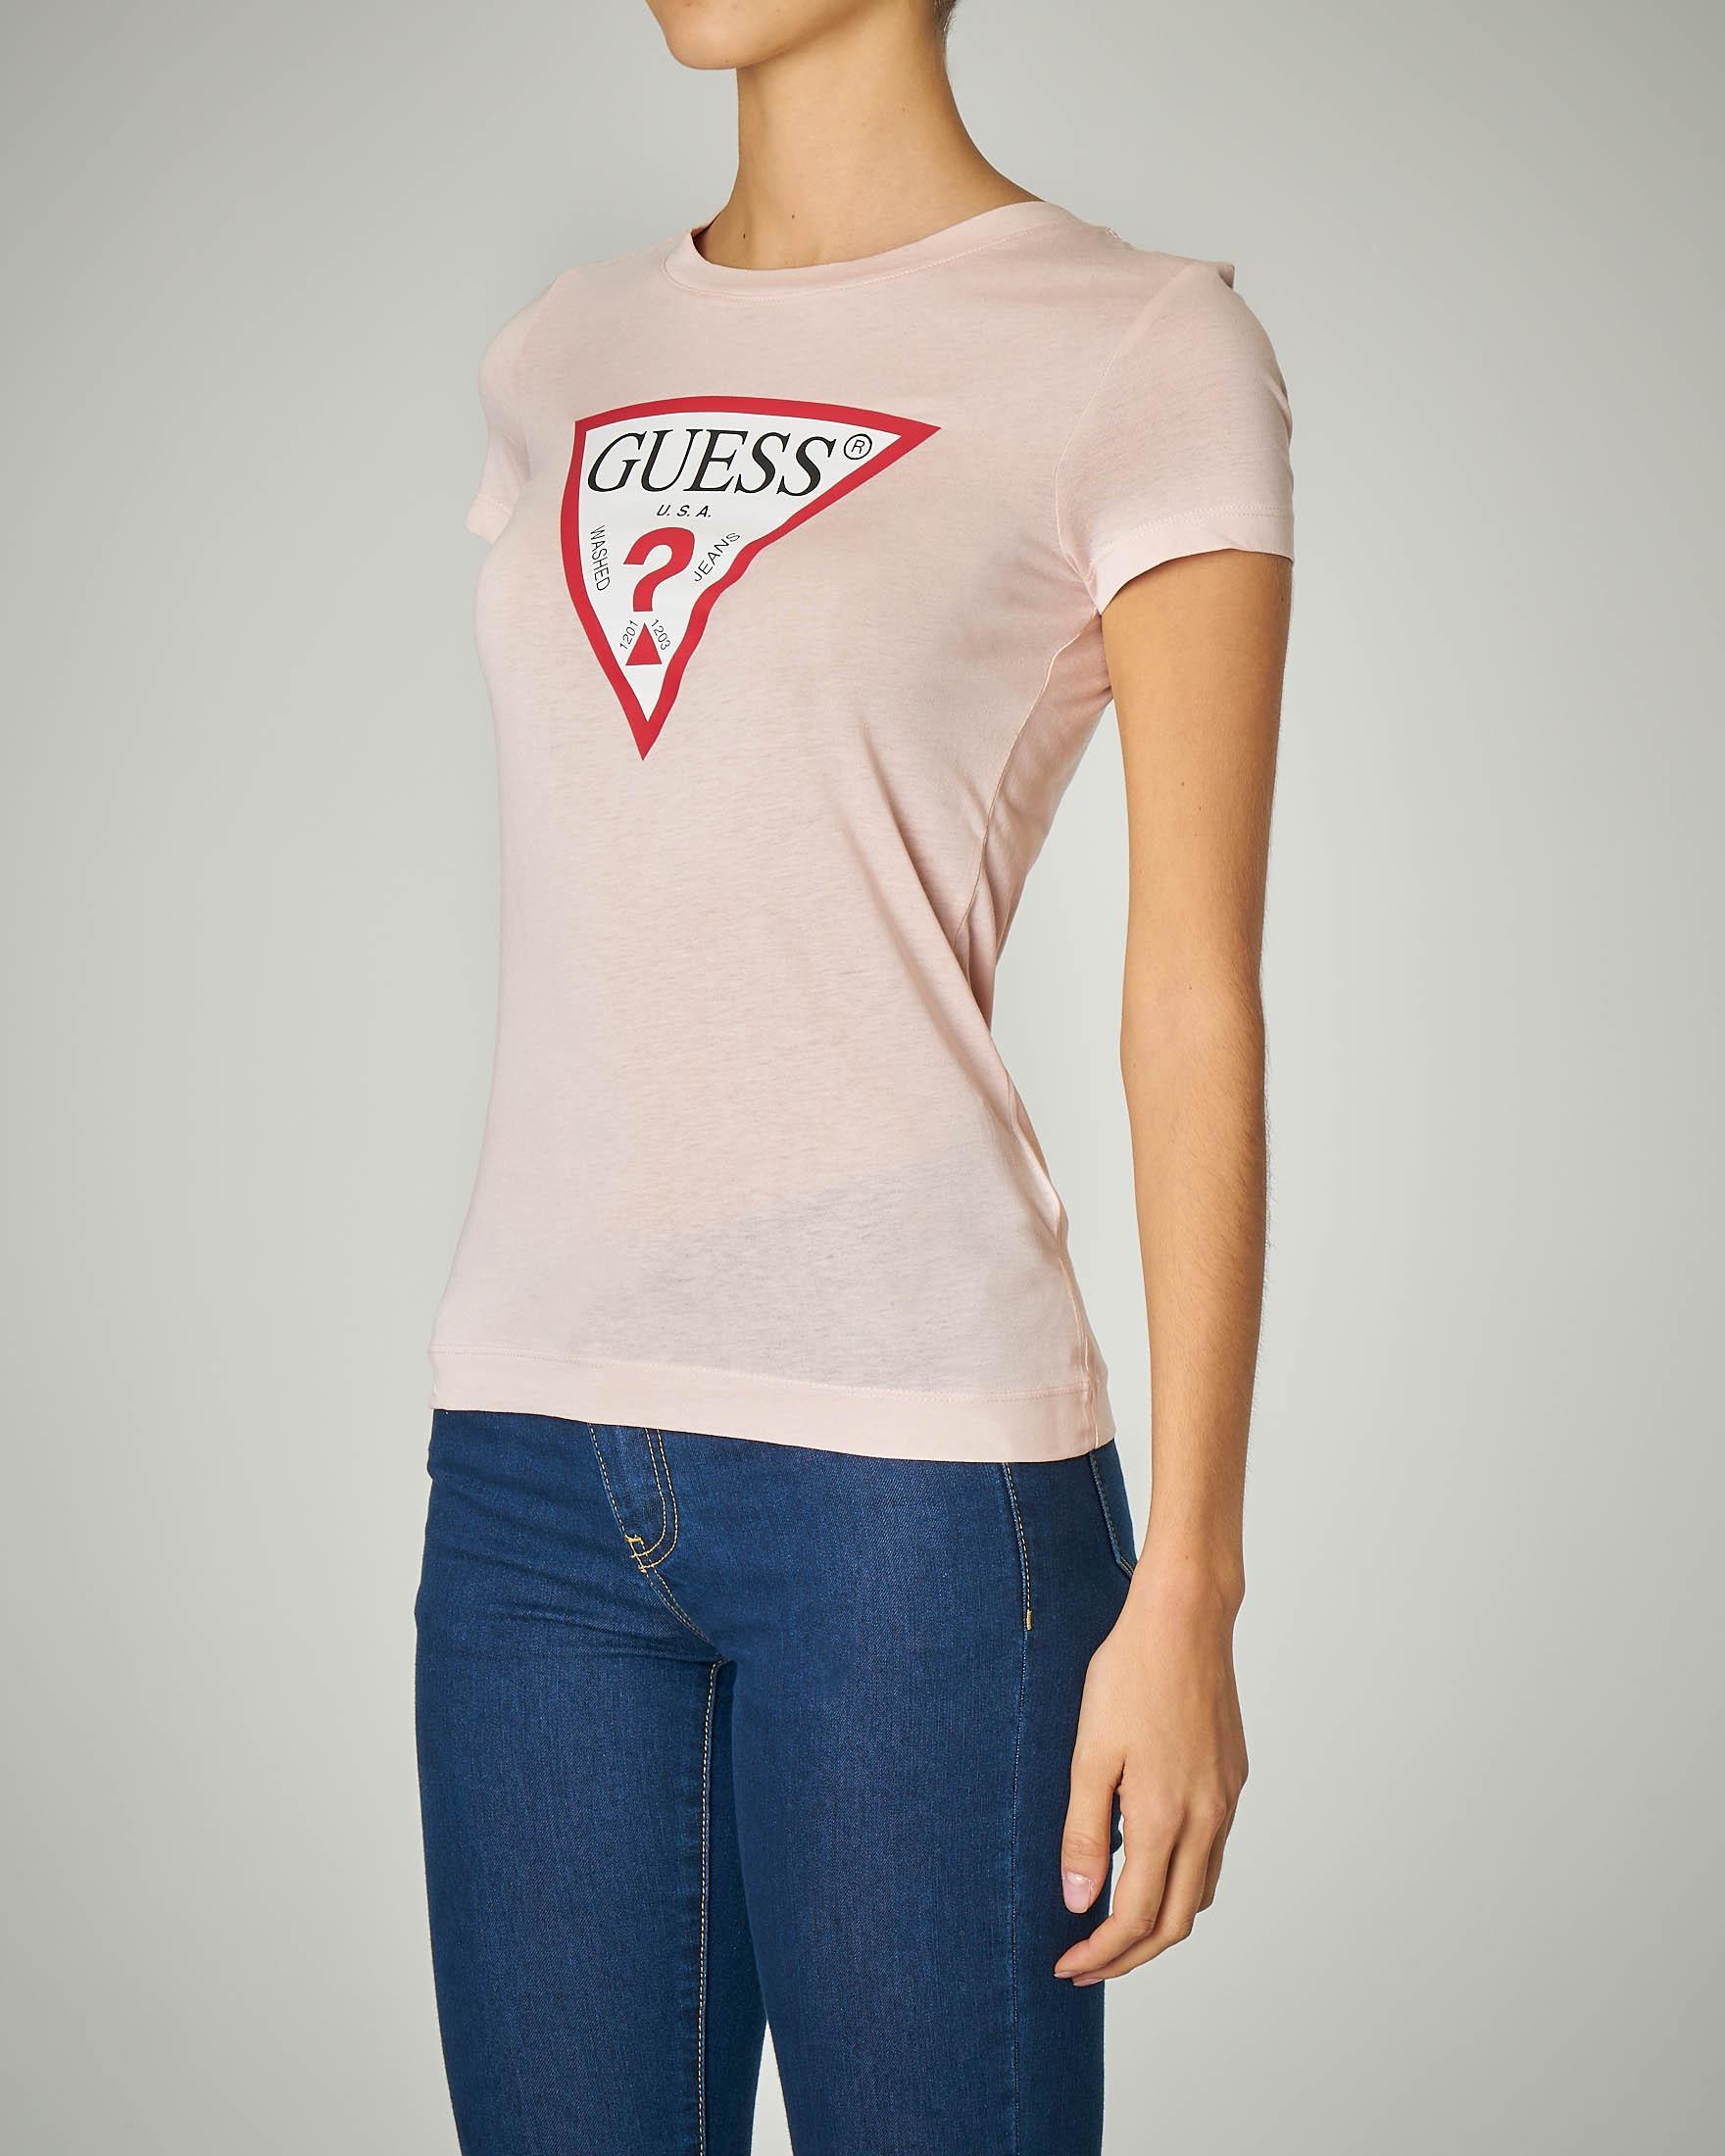 T-shirt rosa manica corta con stampa